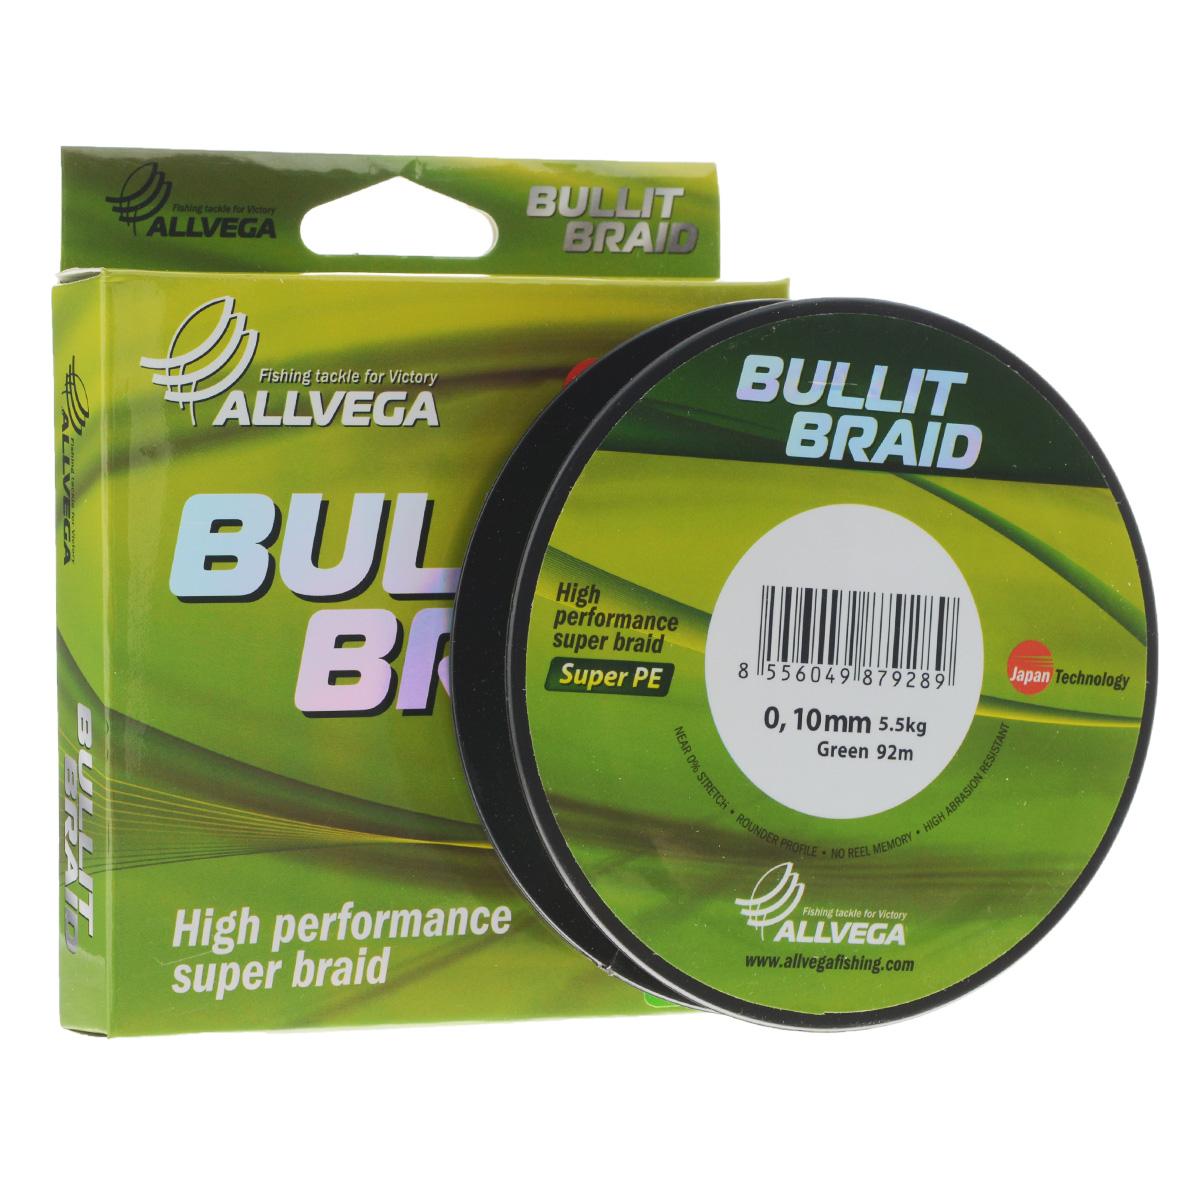 Леска плетеная Allvega Bullit Braid, цвет: темно-зеленый, 92 м, 0,10 мм, 5,5 кг010-01199-23Леска Allvega Bullit Braid с гладкой поверхностью и одинаковым сечением по всей длине обладает высокой износостойкостью. Благодаря микроволокнам полиэтилена (Super PE) леска имеет очень плотное плетение и не впитывает воду. Леску Allvega Bullit Braid можно применять в любых типах водоемов. Особенности:- повышенная износостойкость;- высокая чувствительность - коэффициент растяжения близок к нулю;- отсутствует память;- идеально гладкая поверхность позволяет увеличить дальность забросов;- высокая прочность шнура на узлах.